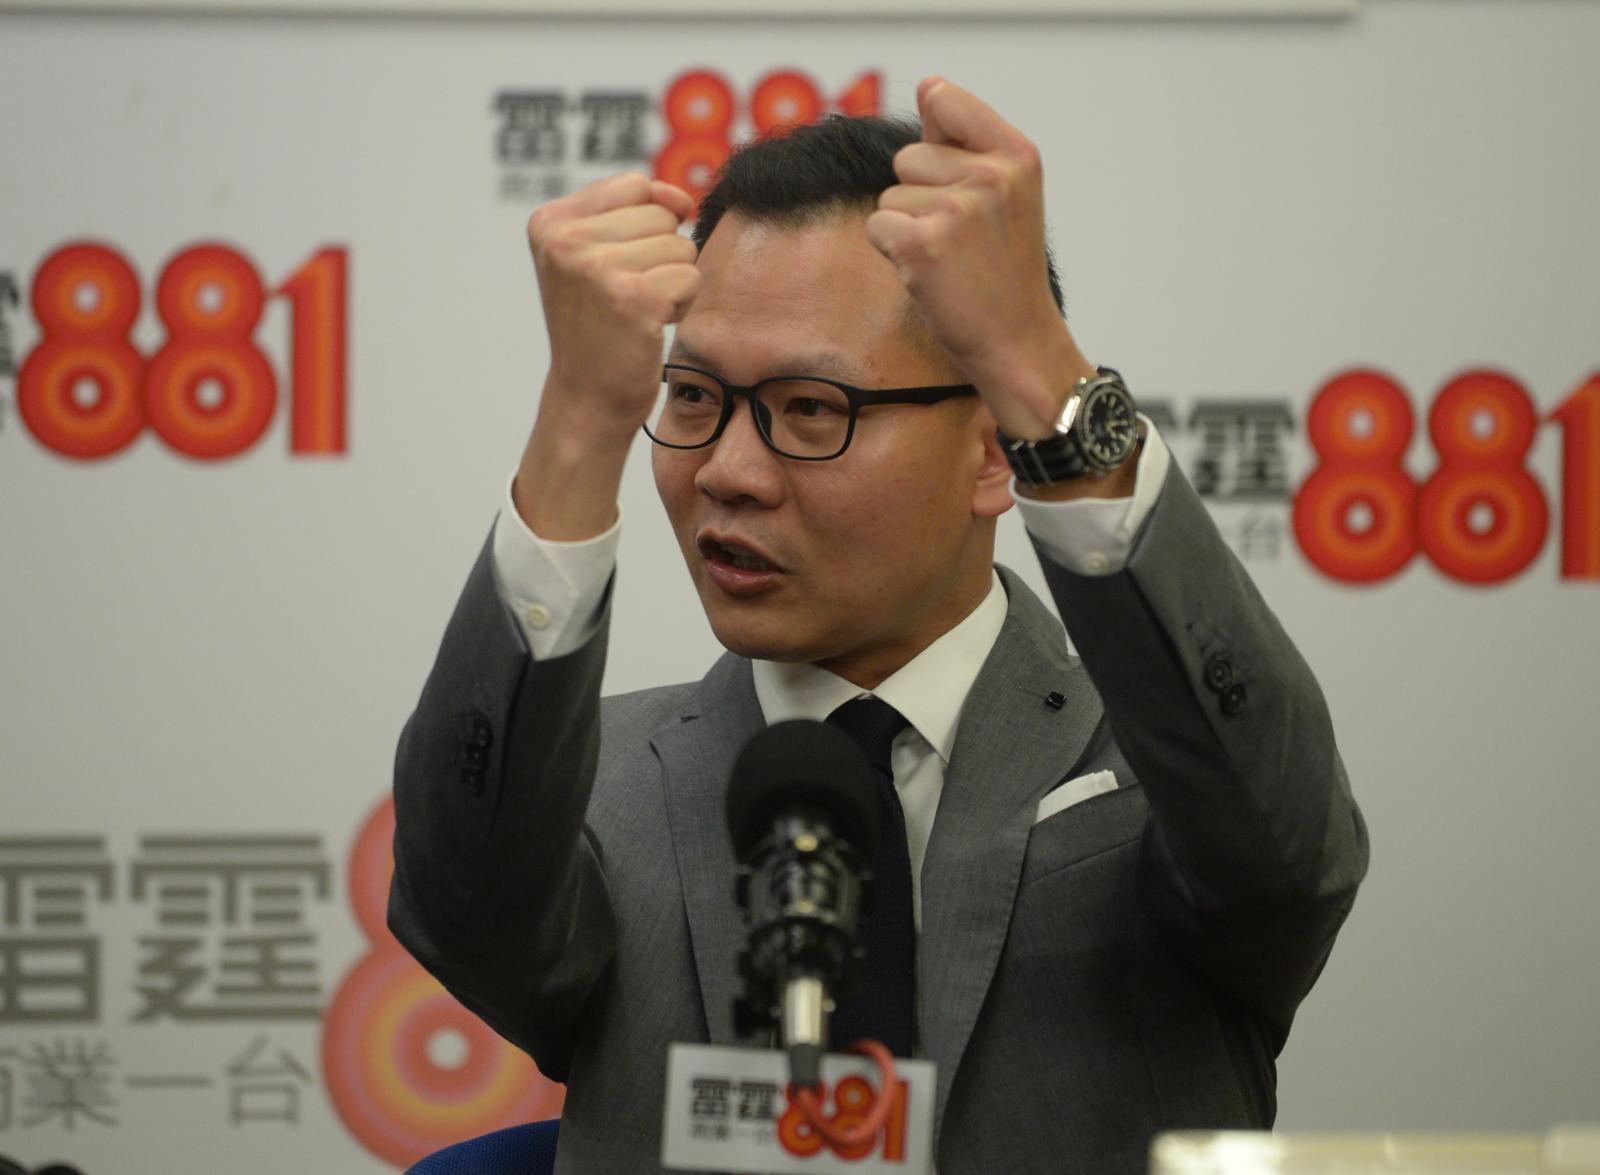 郭榮鏗表示,將於今日內提出對立法會秘書長陳維安失職失責的追究事項。